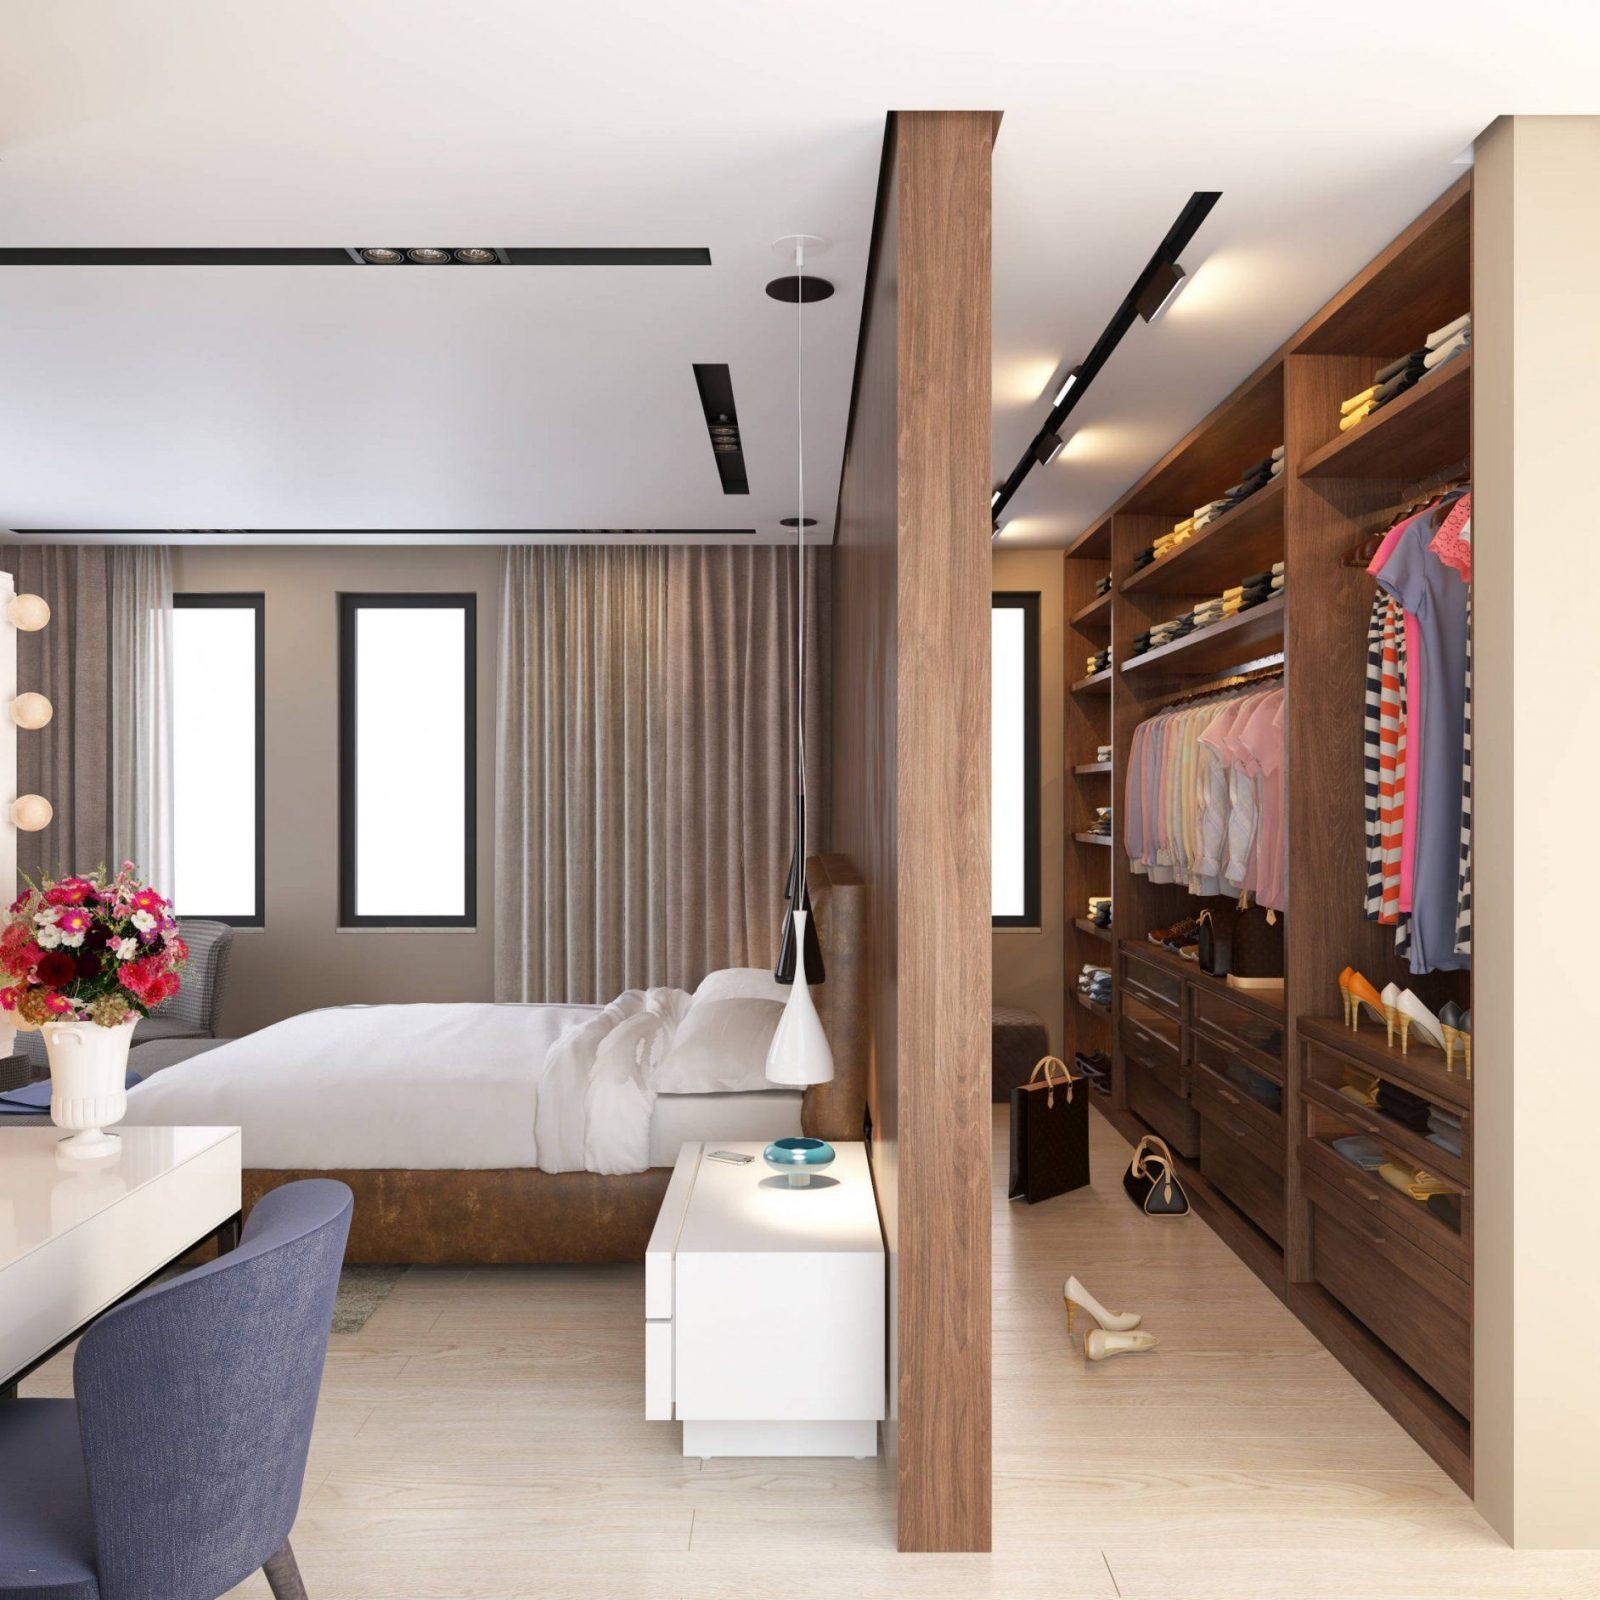 Begehbarer Kleiderschrank Kleines Schlafzimmer Genial Genial von Kleiner Begehbarer Kleiderschrank Selber Bauen Bild